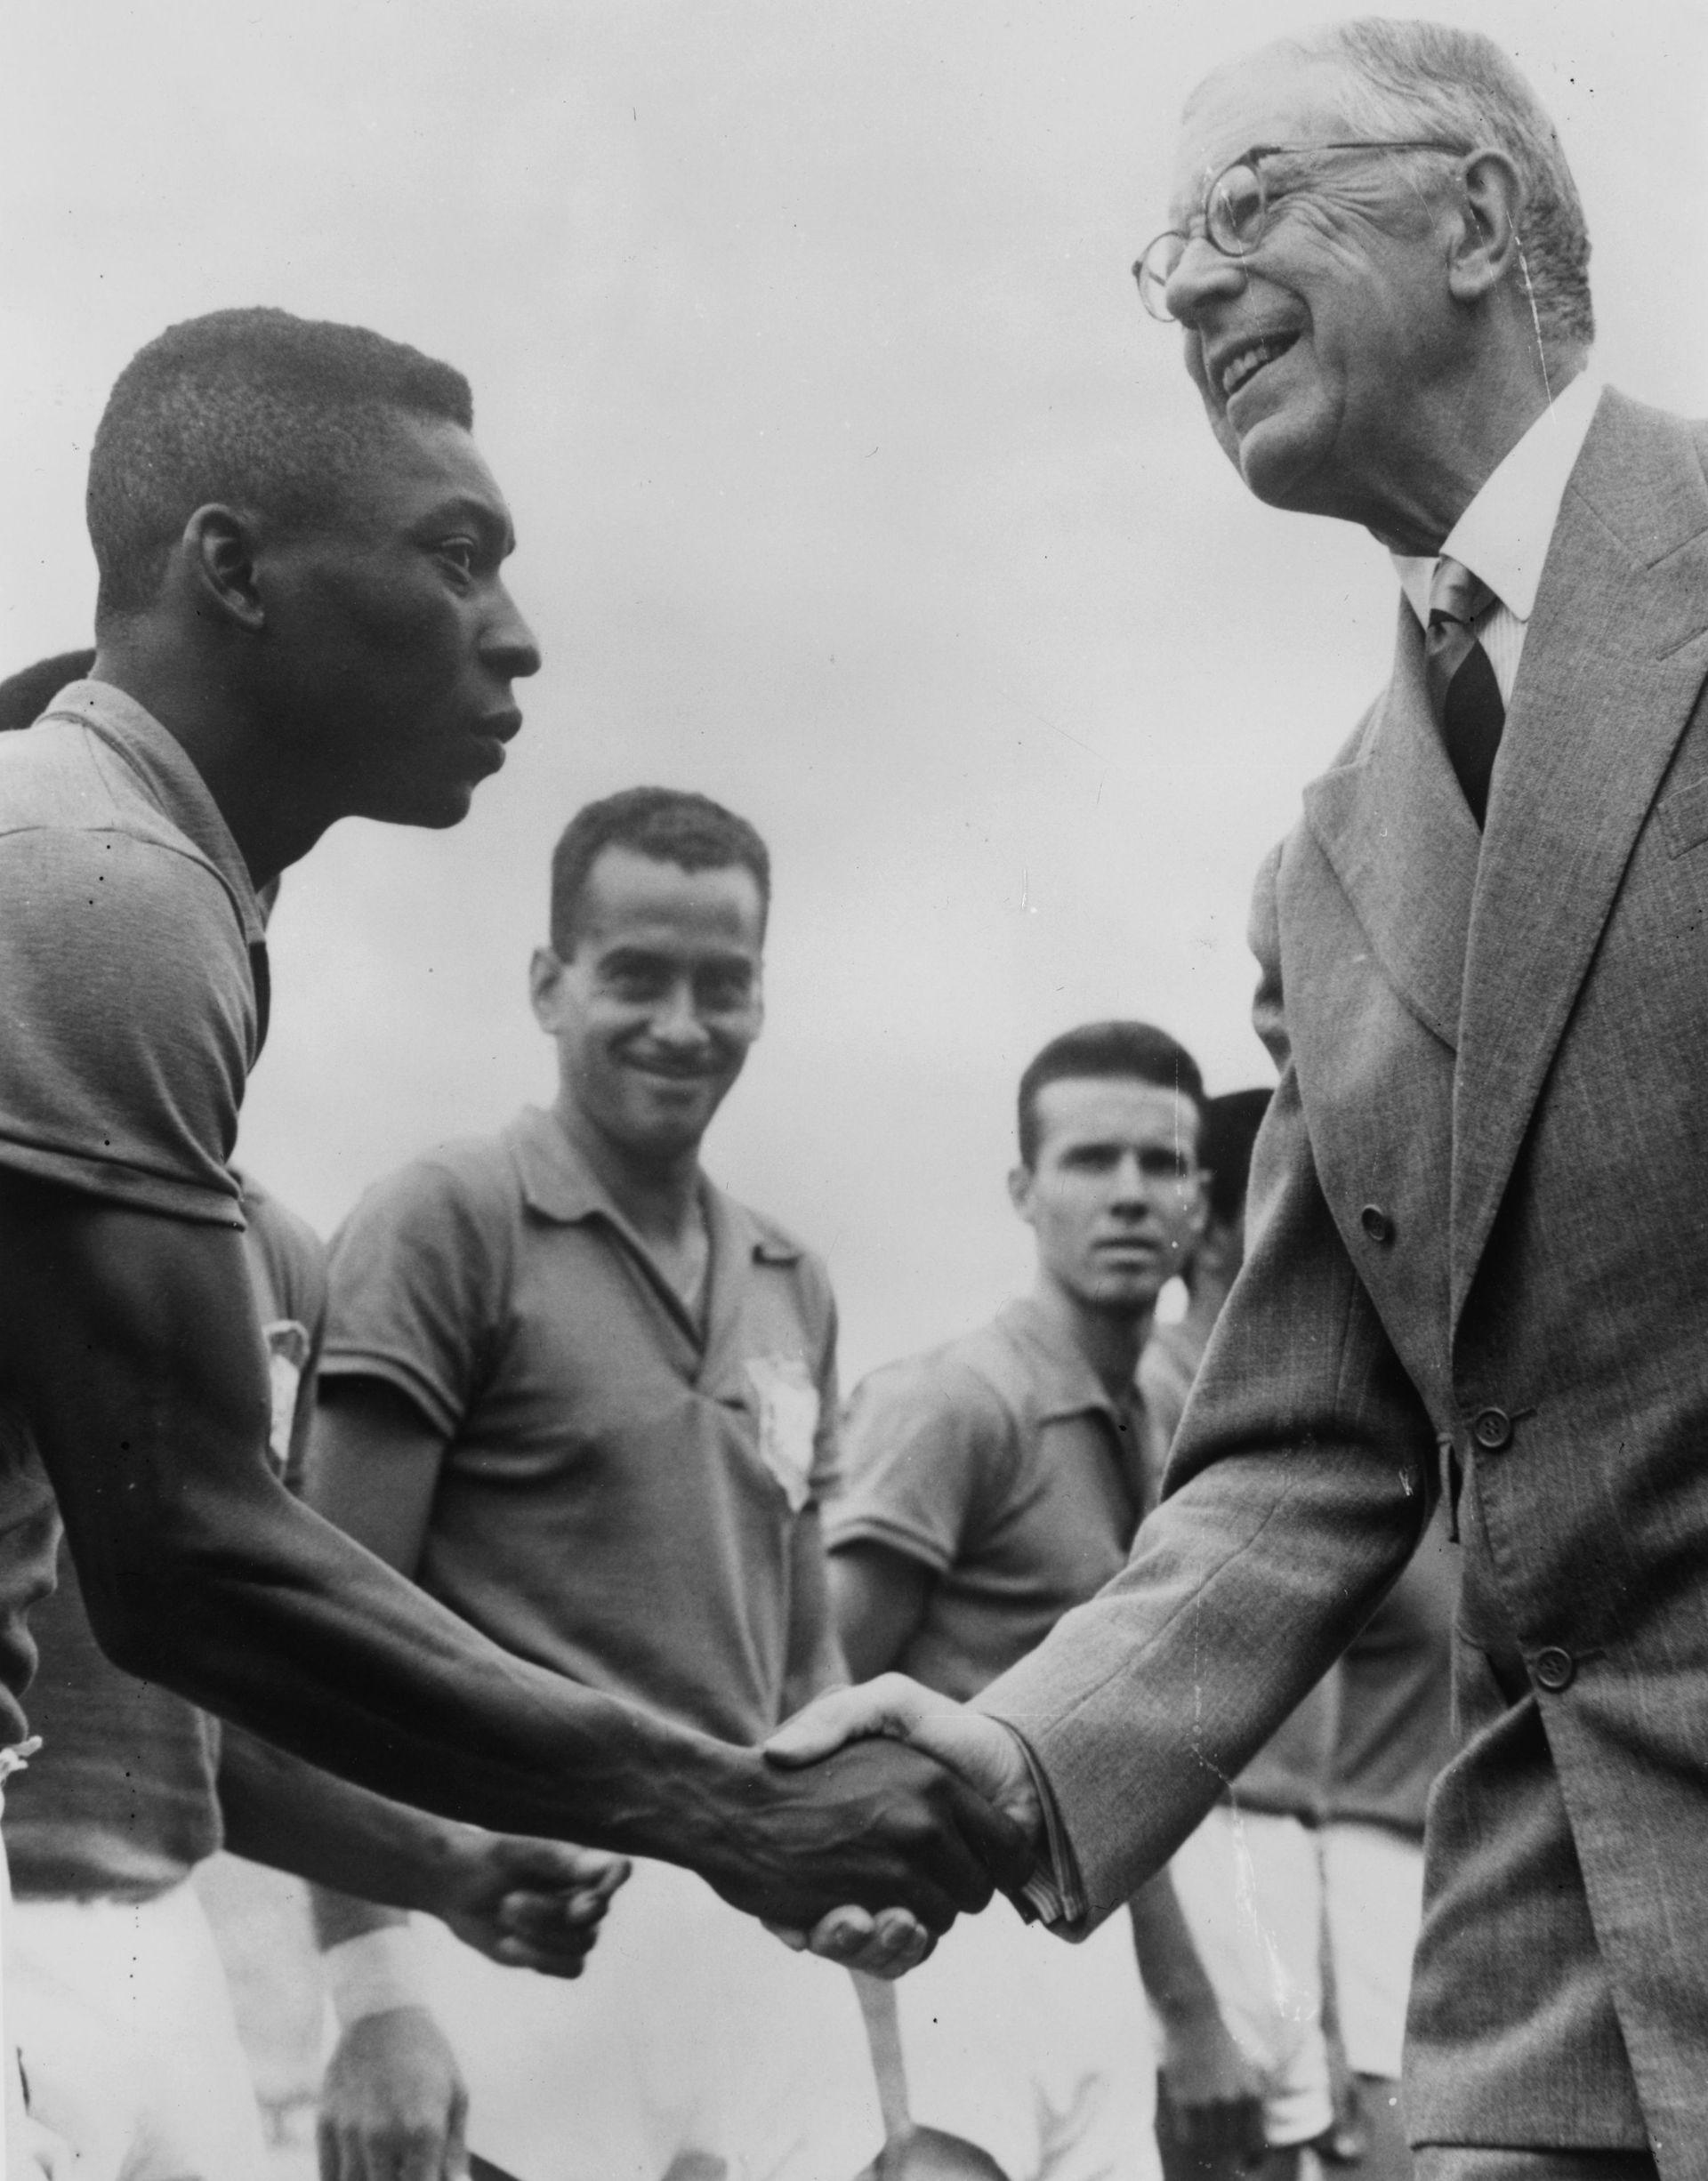 През същто лято на 1958 г., което преобръща живота на Стрелцов, Пеле получава световна слава и купата на шампион на планетата от шведския крал в Стокхолм.